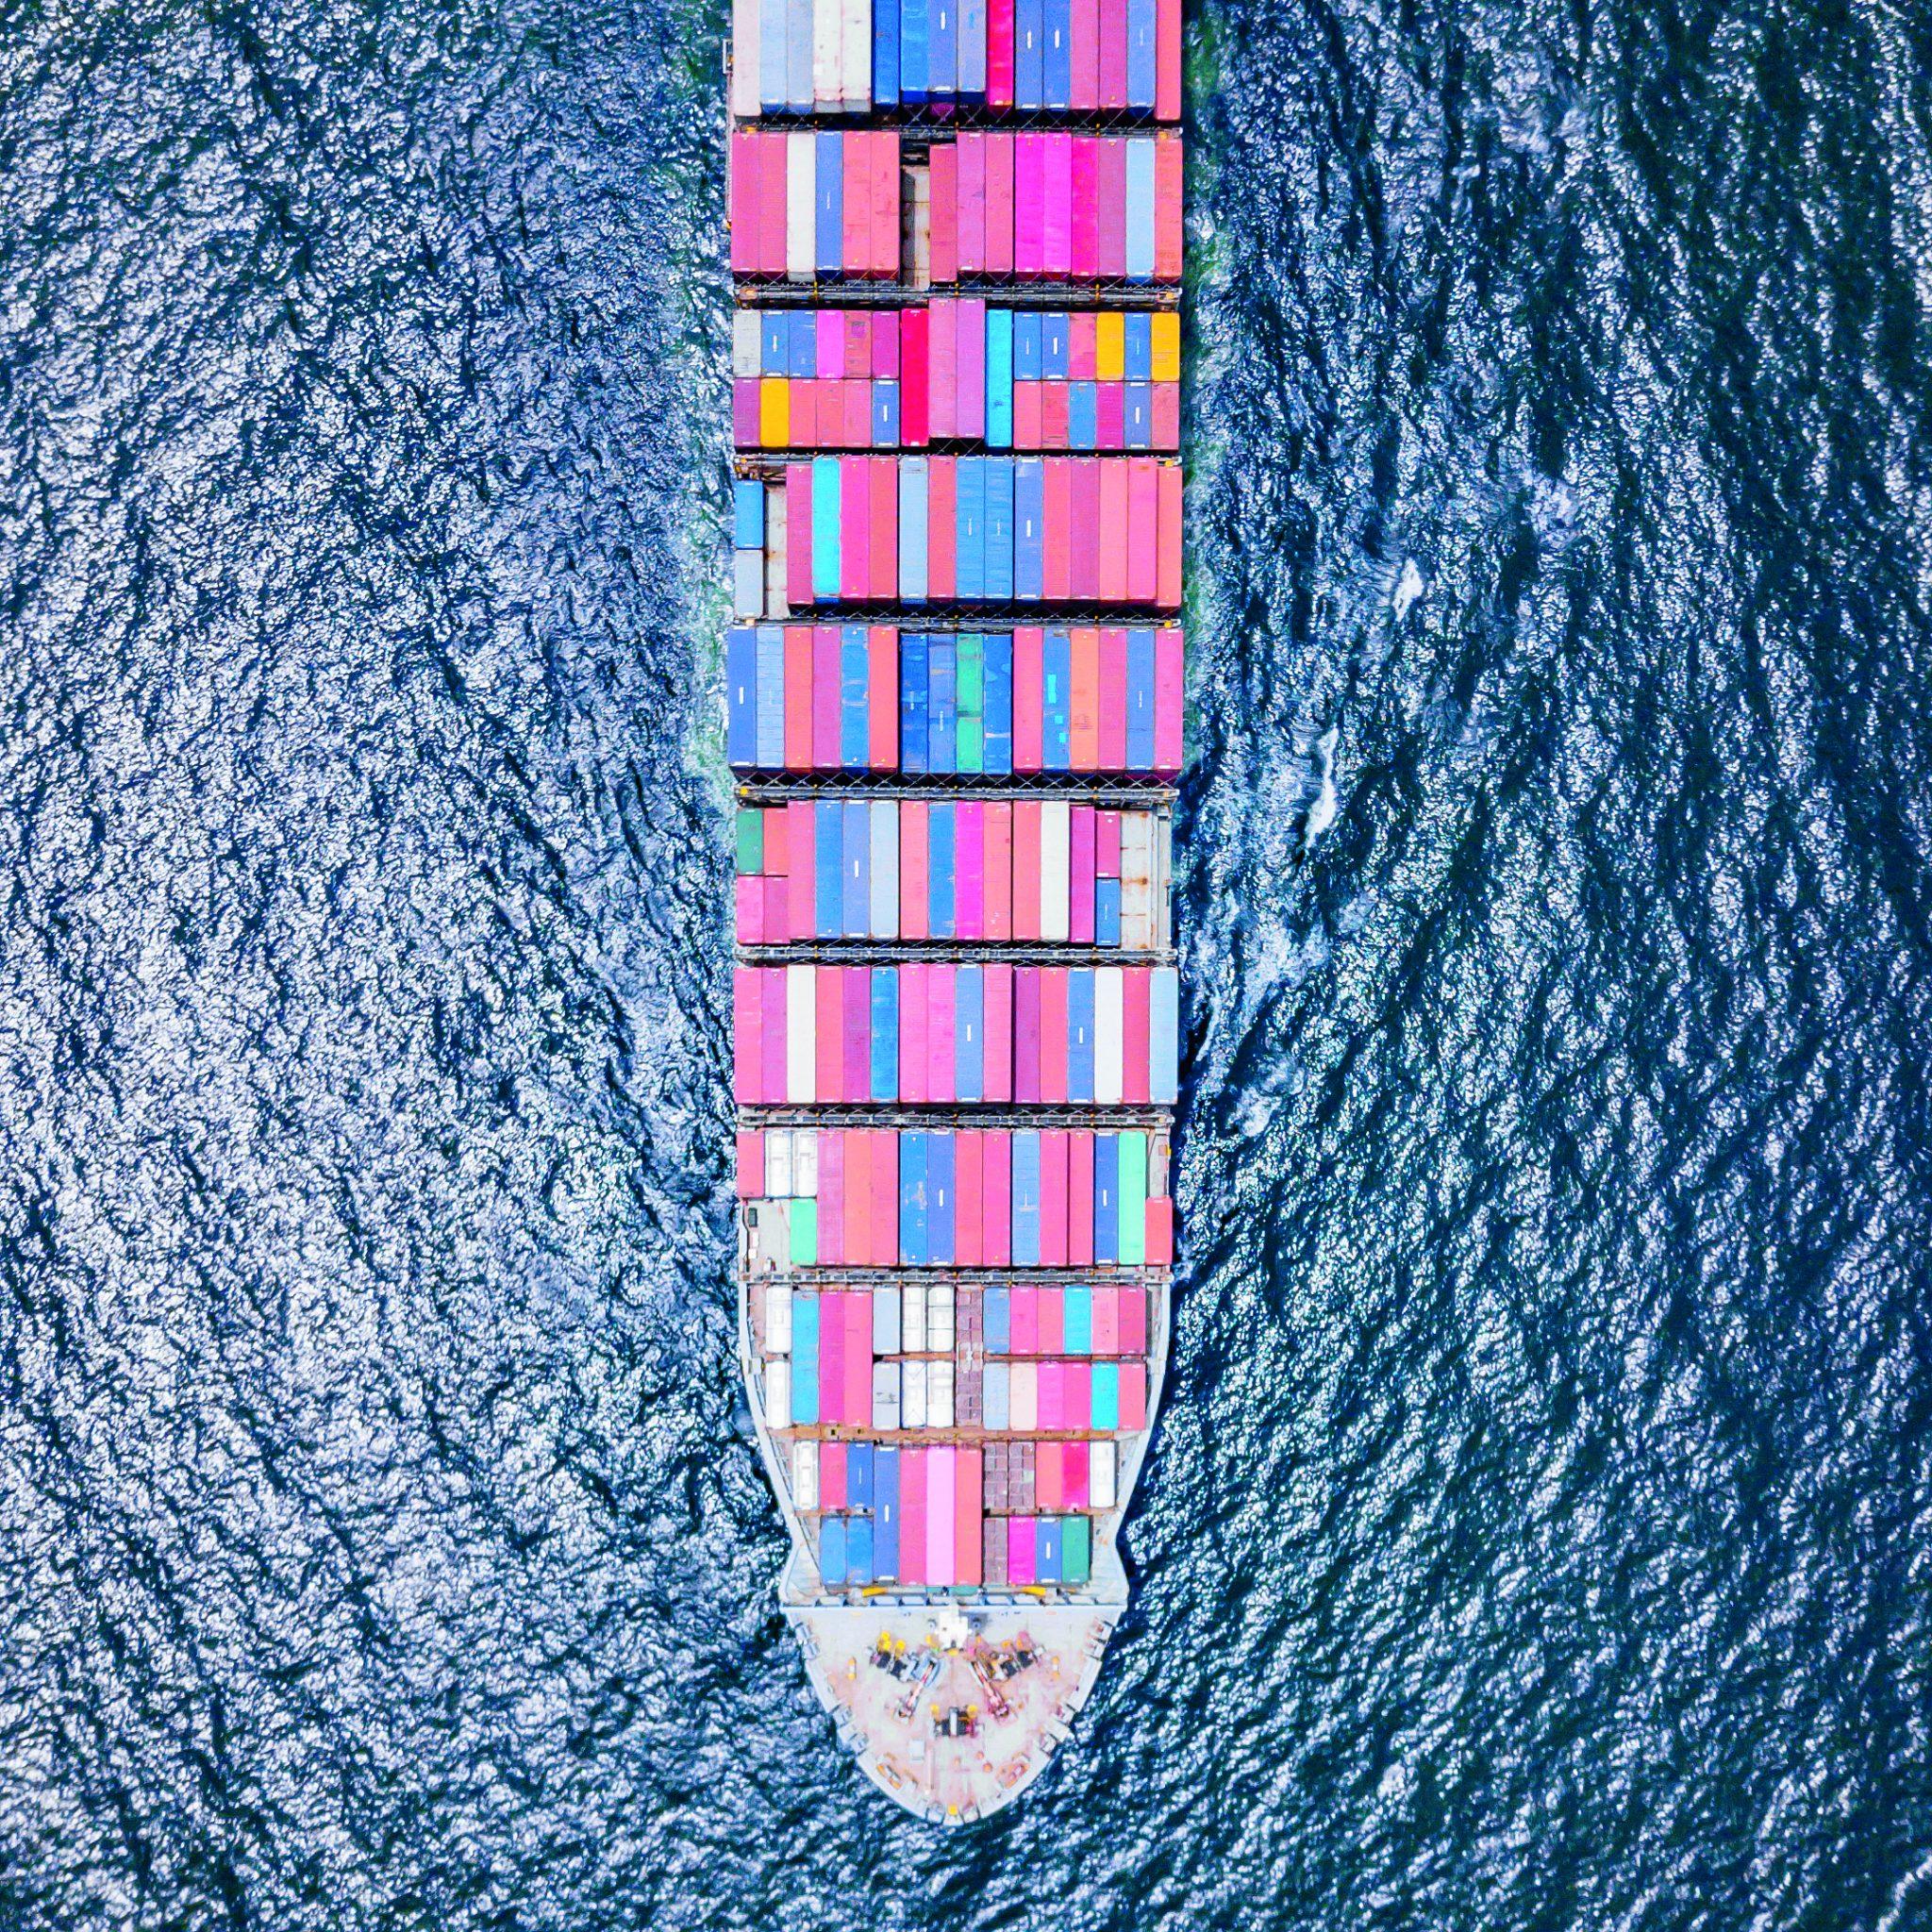 Om containerverliezen op zee te voorkomen moeten de eisen aan sjorsystemen, containers en het beladingsinstrumentarium van containerschepen worden herzien. (Stockfoto)